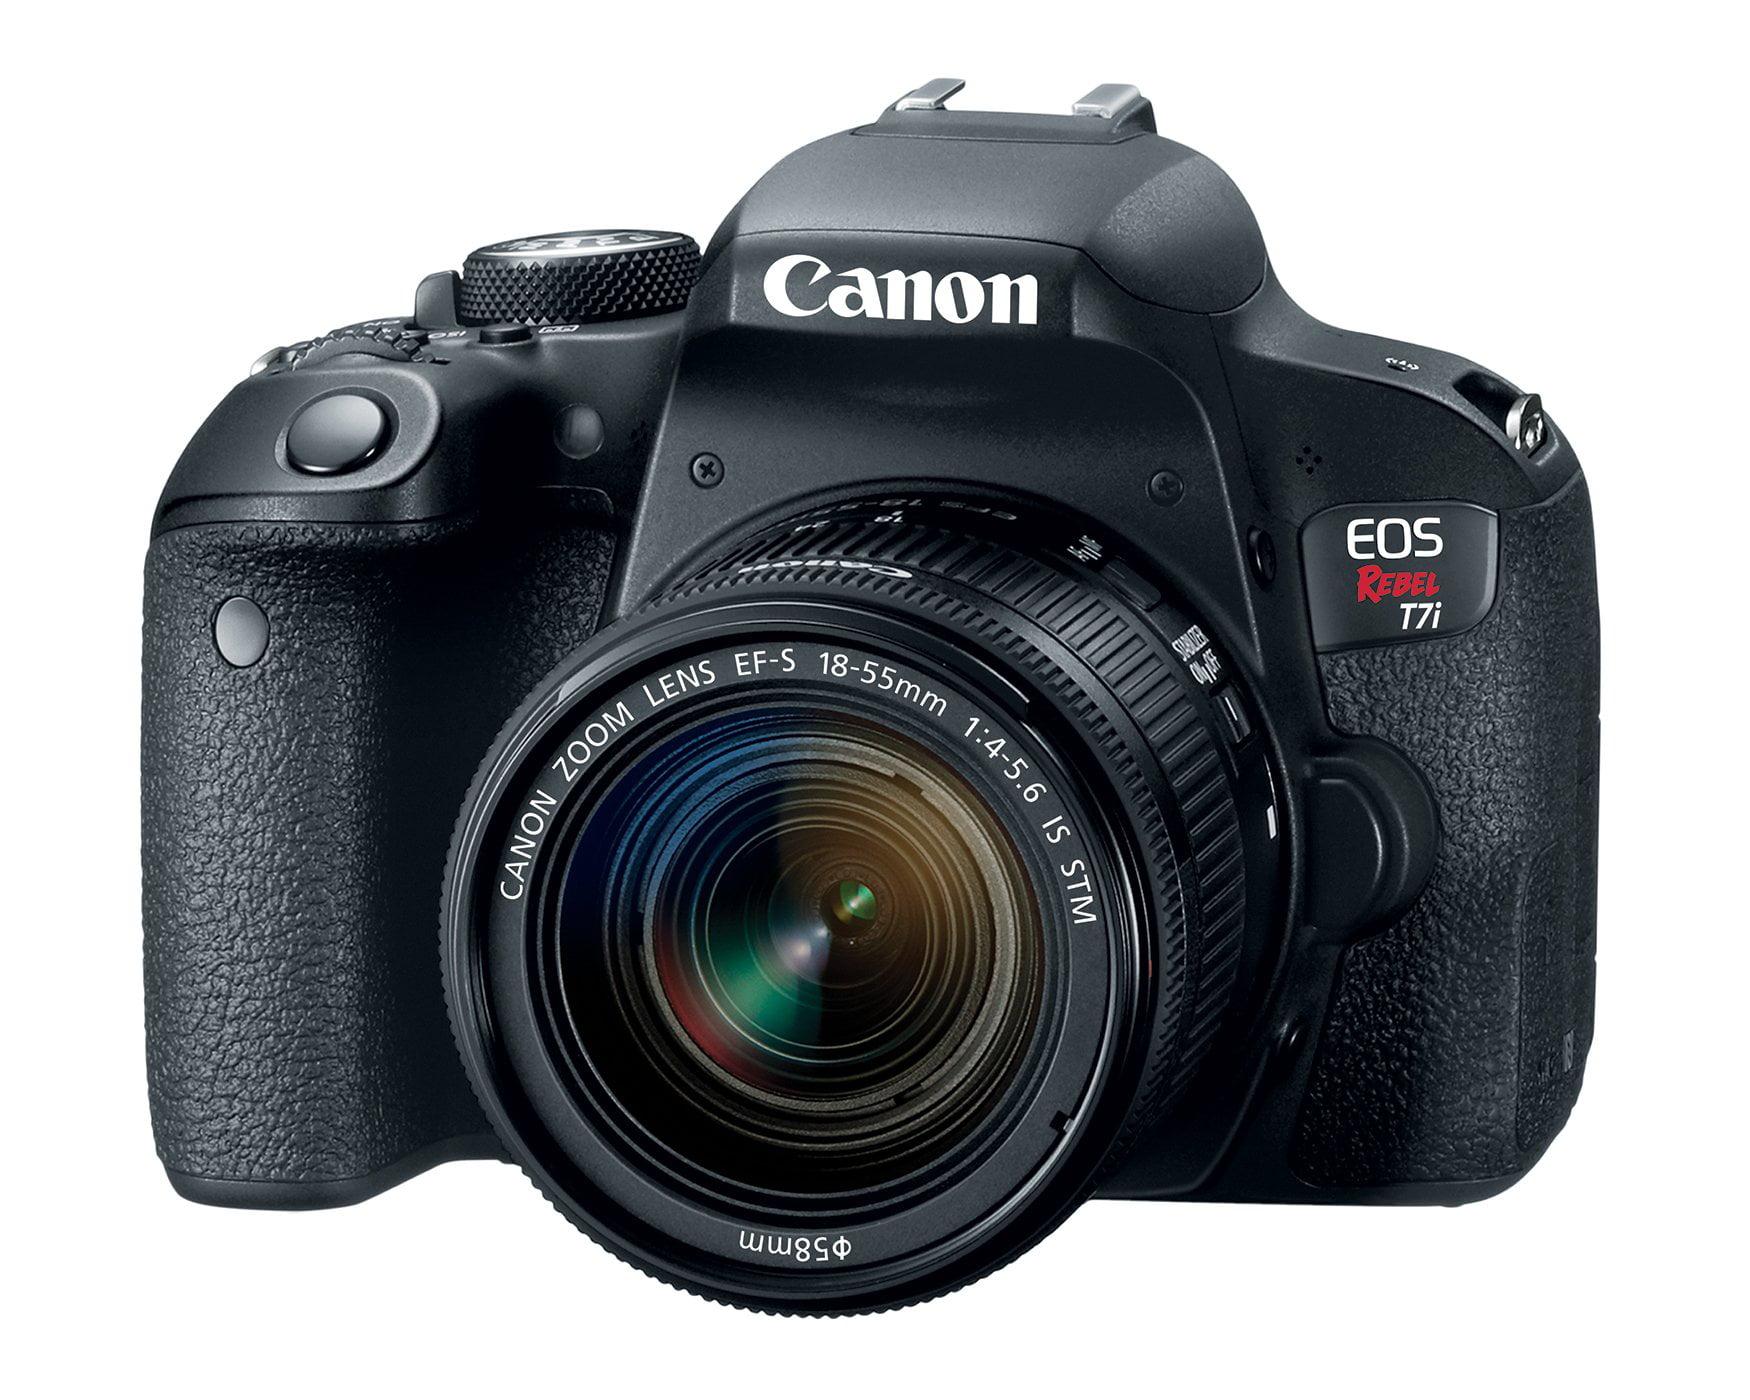 Canon Eos Rebel T7i Dslr Camera With 18 55mm Lens Walmart Com Walmart Com